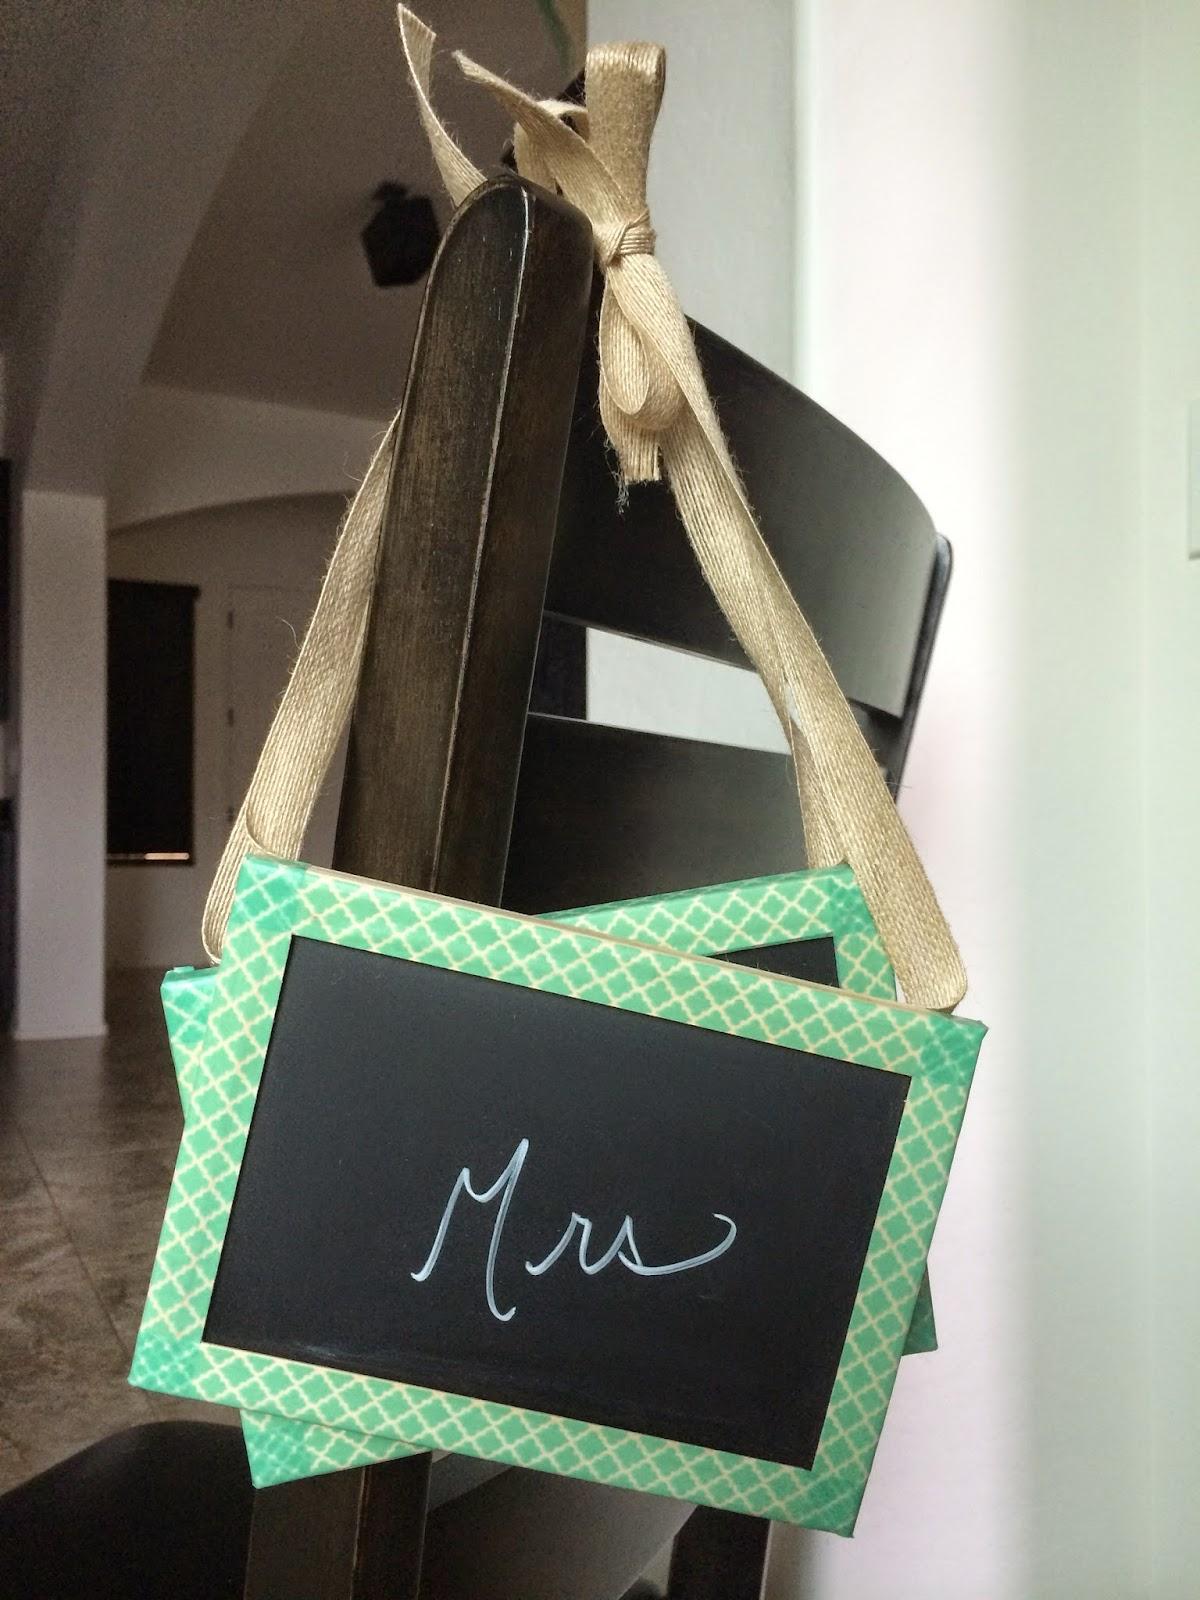 washi tape chalkboard chair sign